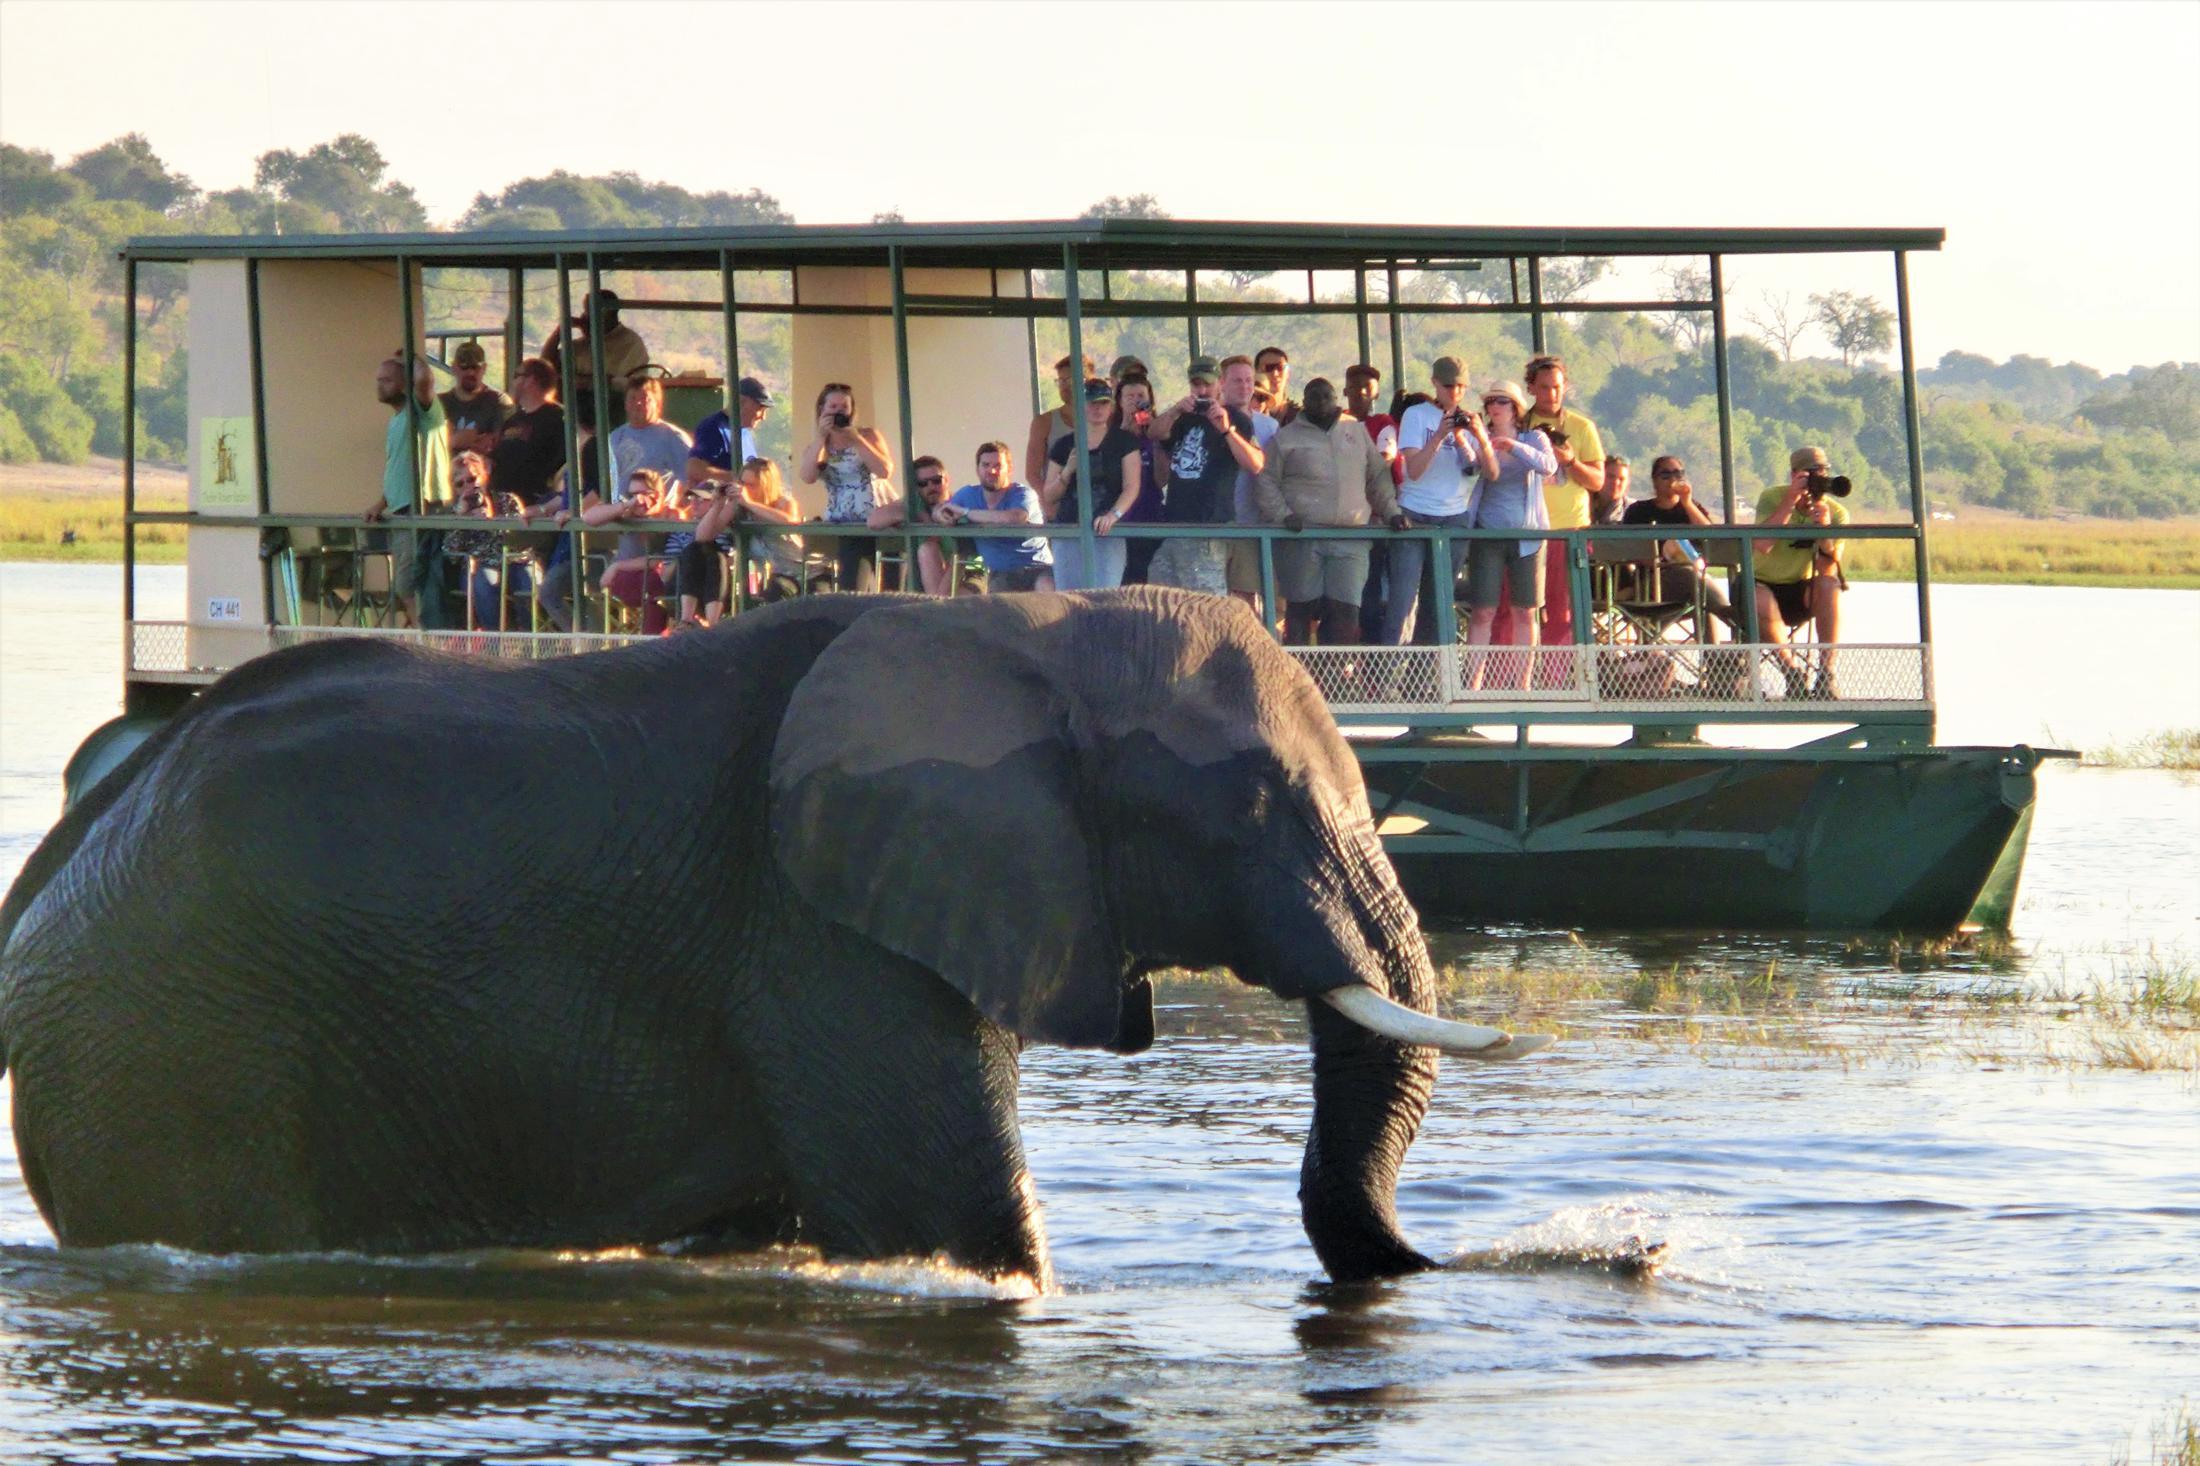 Safari & Natuur reizen Afrika - Foto safari in Chobe National Park, olifant steekt de rivier over